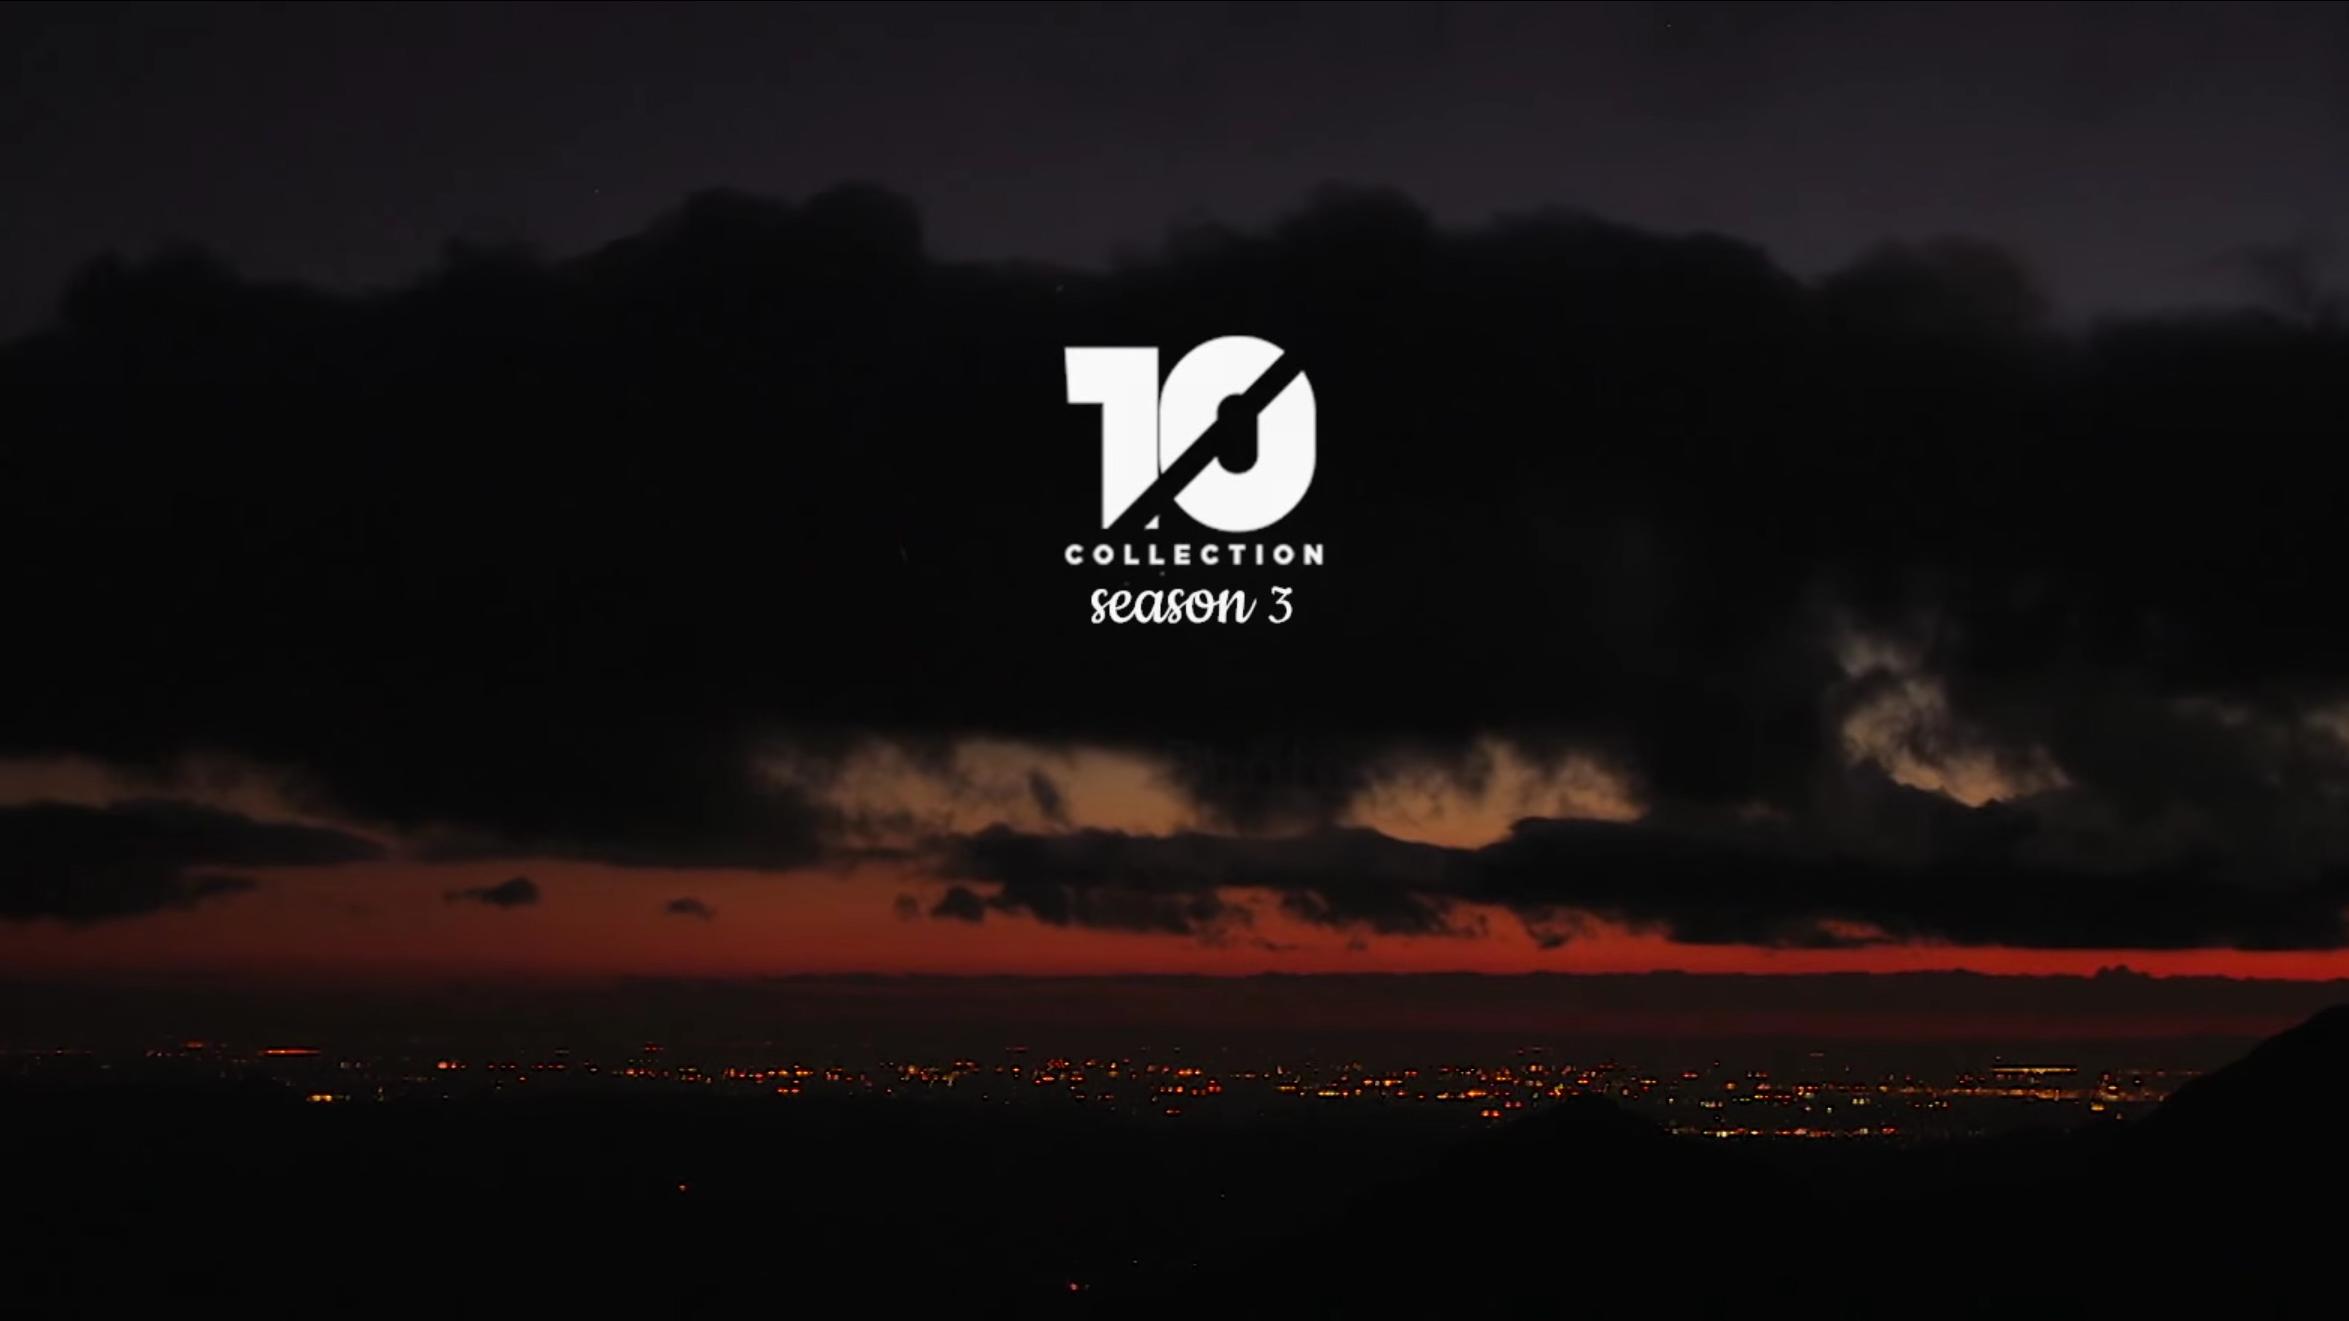 Ten by Fotolia (Adobe)